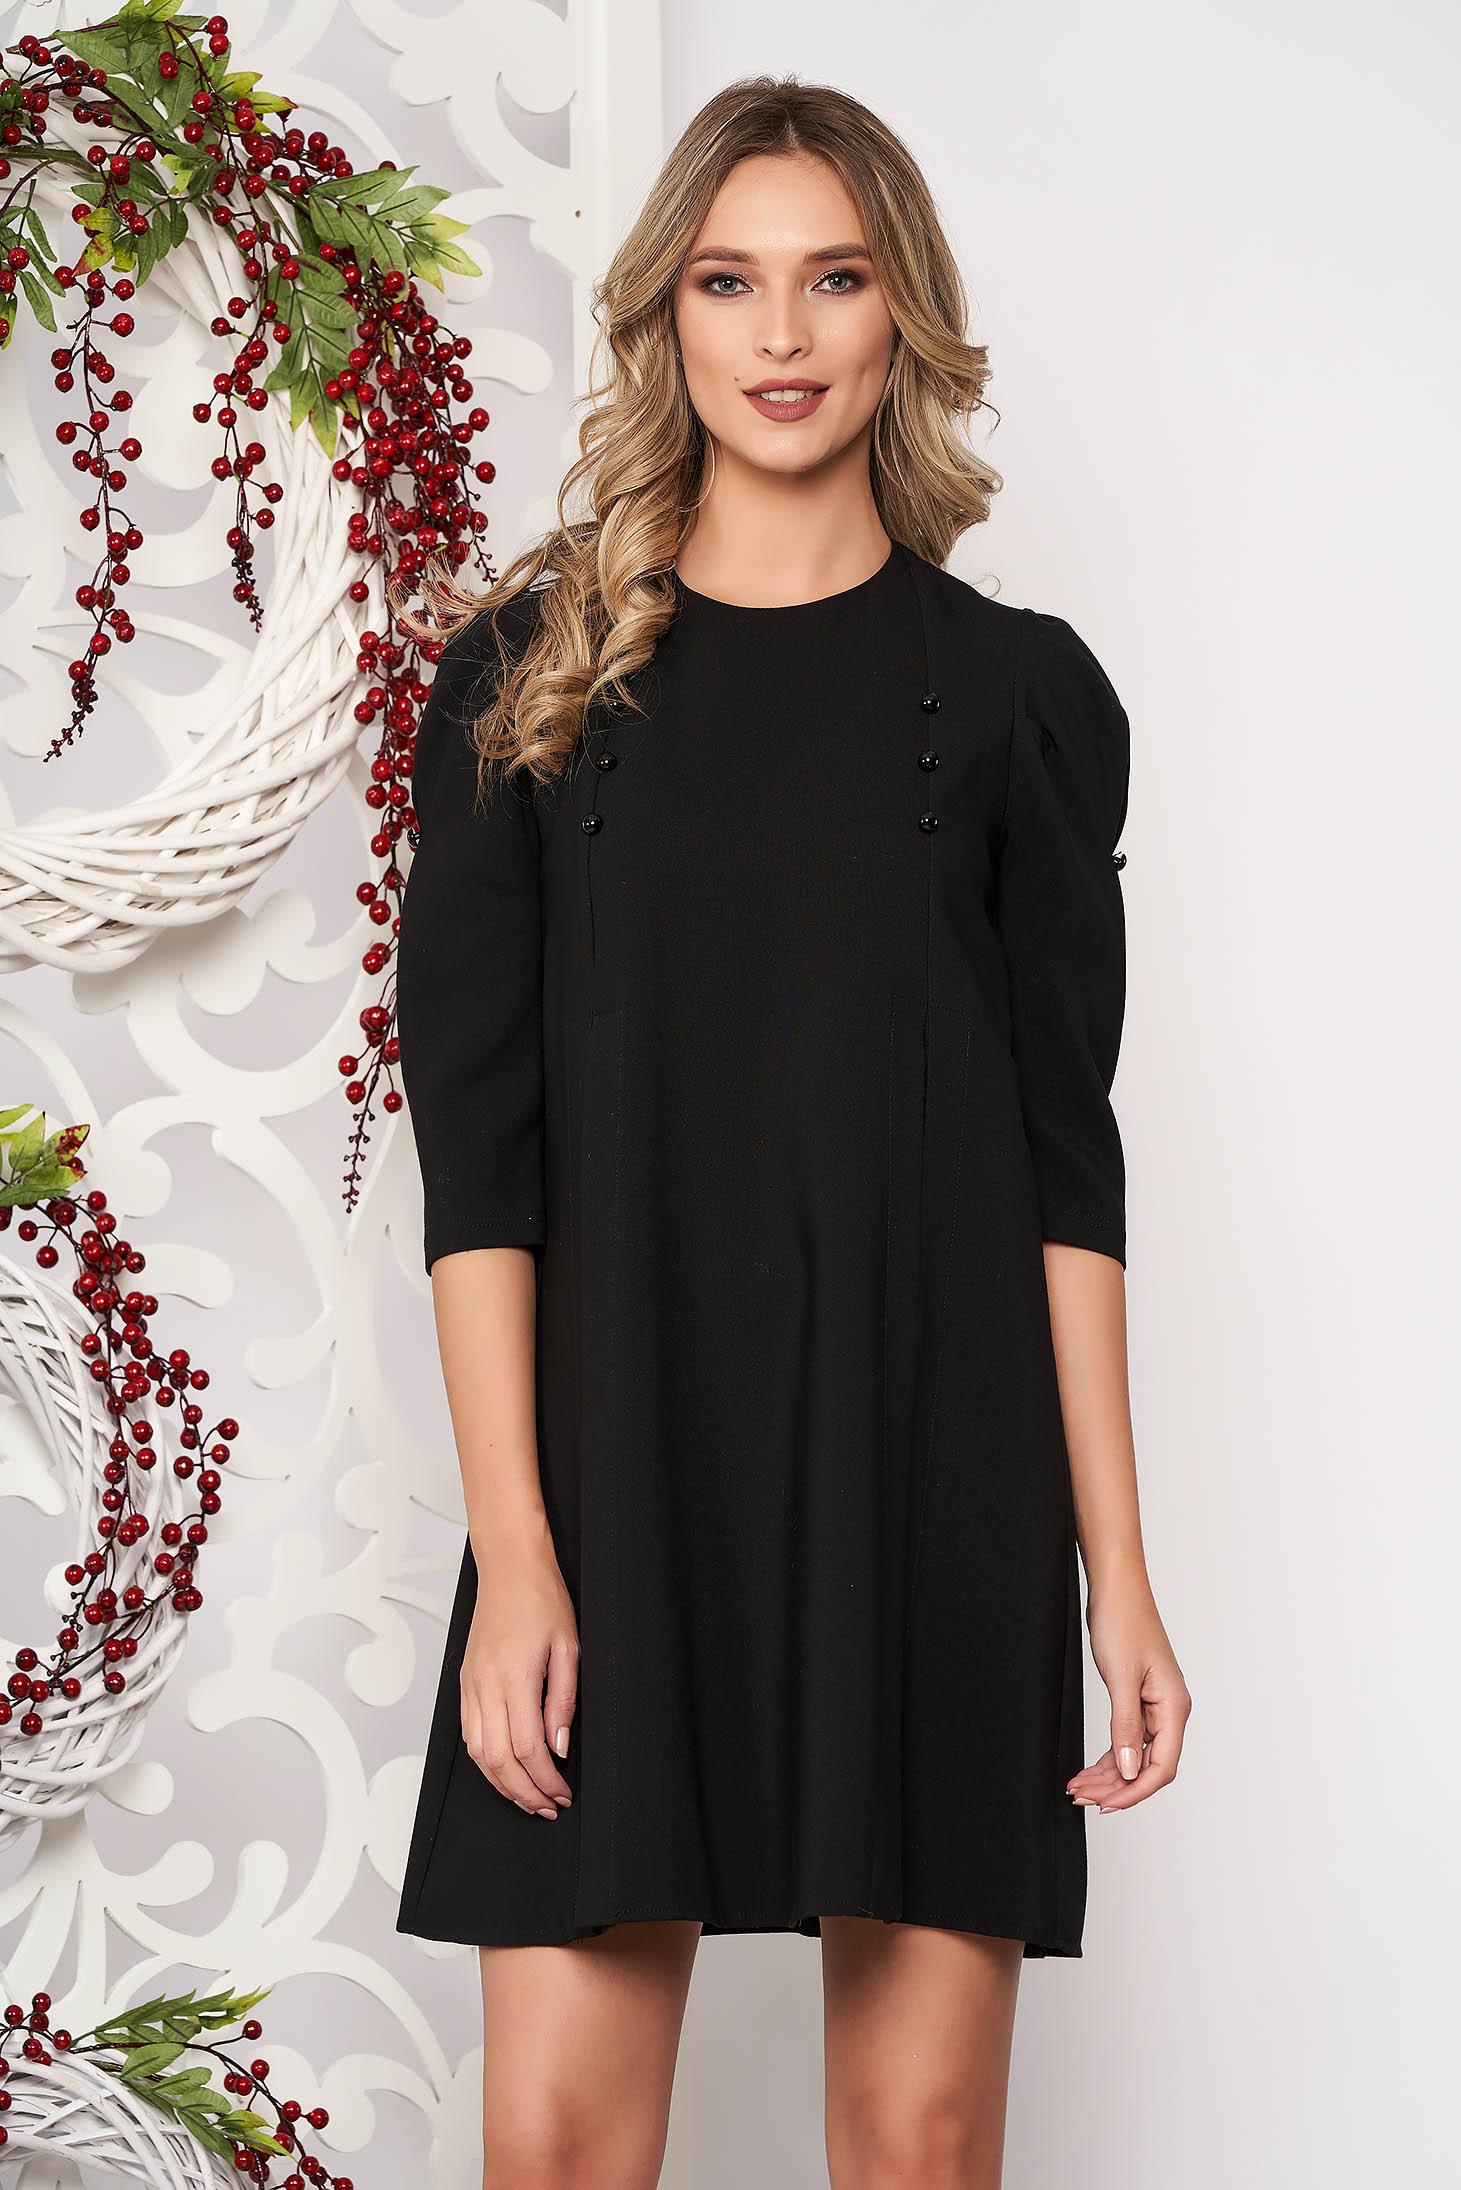 Rochie neagra de zi cu croi larg din stofa usor elastica accesorizata cu nasturi cu maneci trei-sferturi